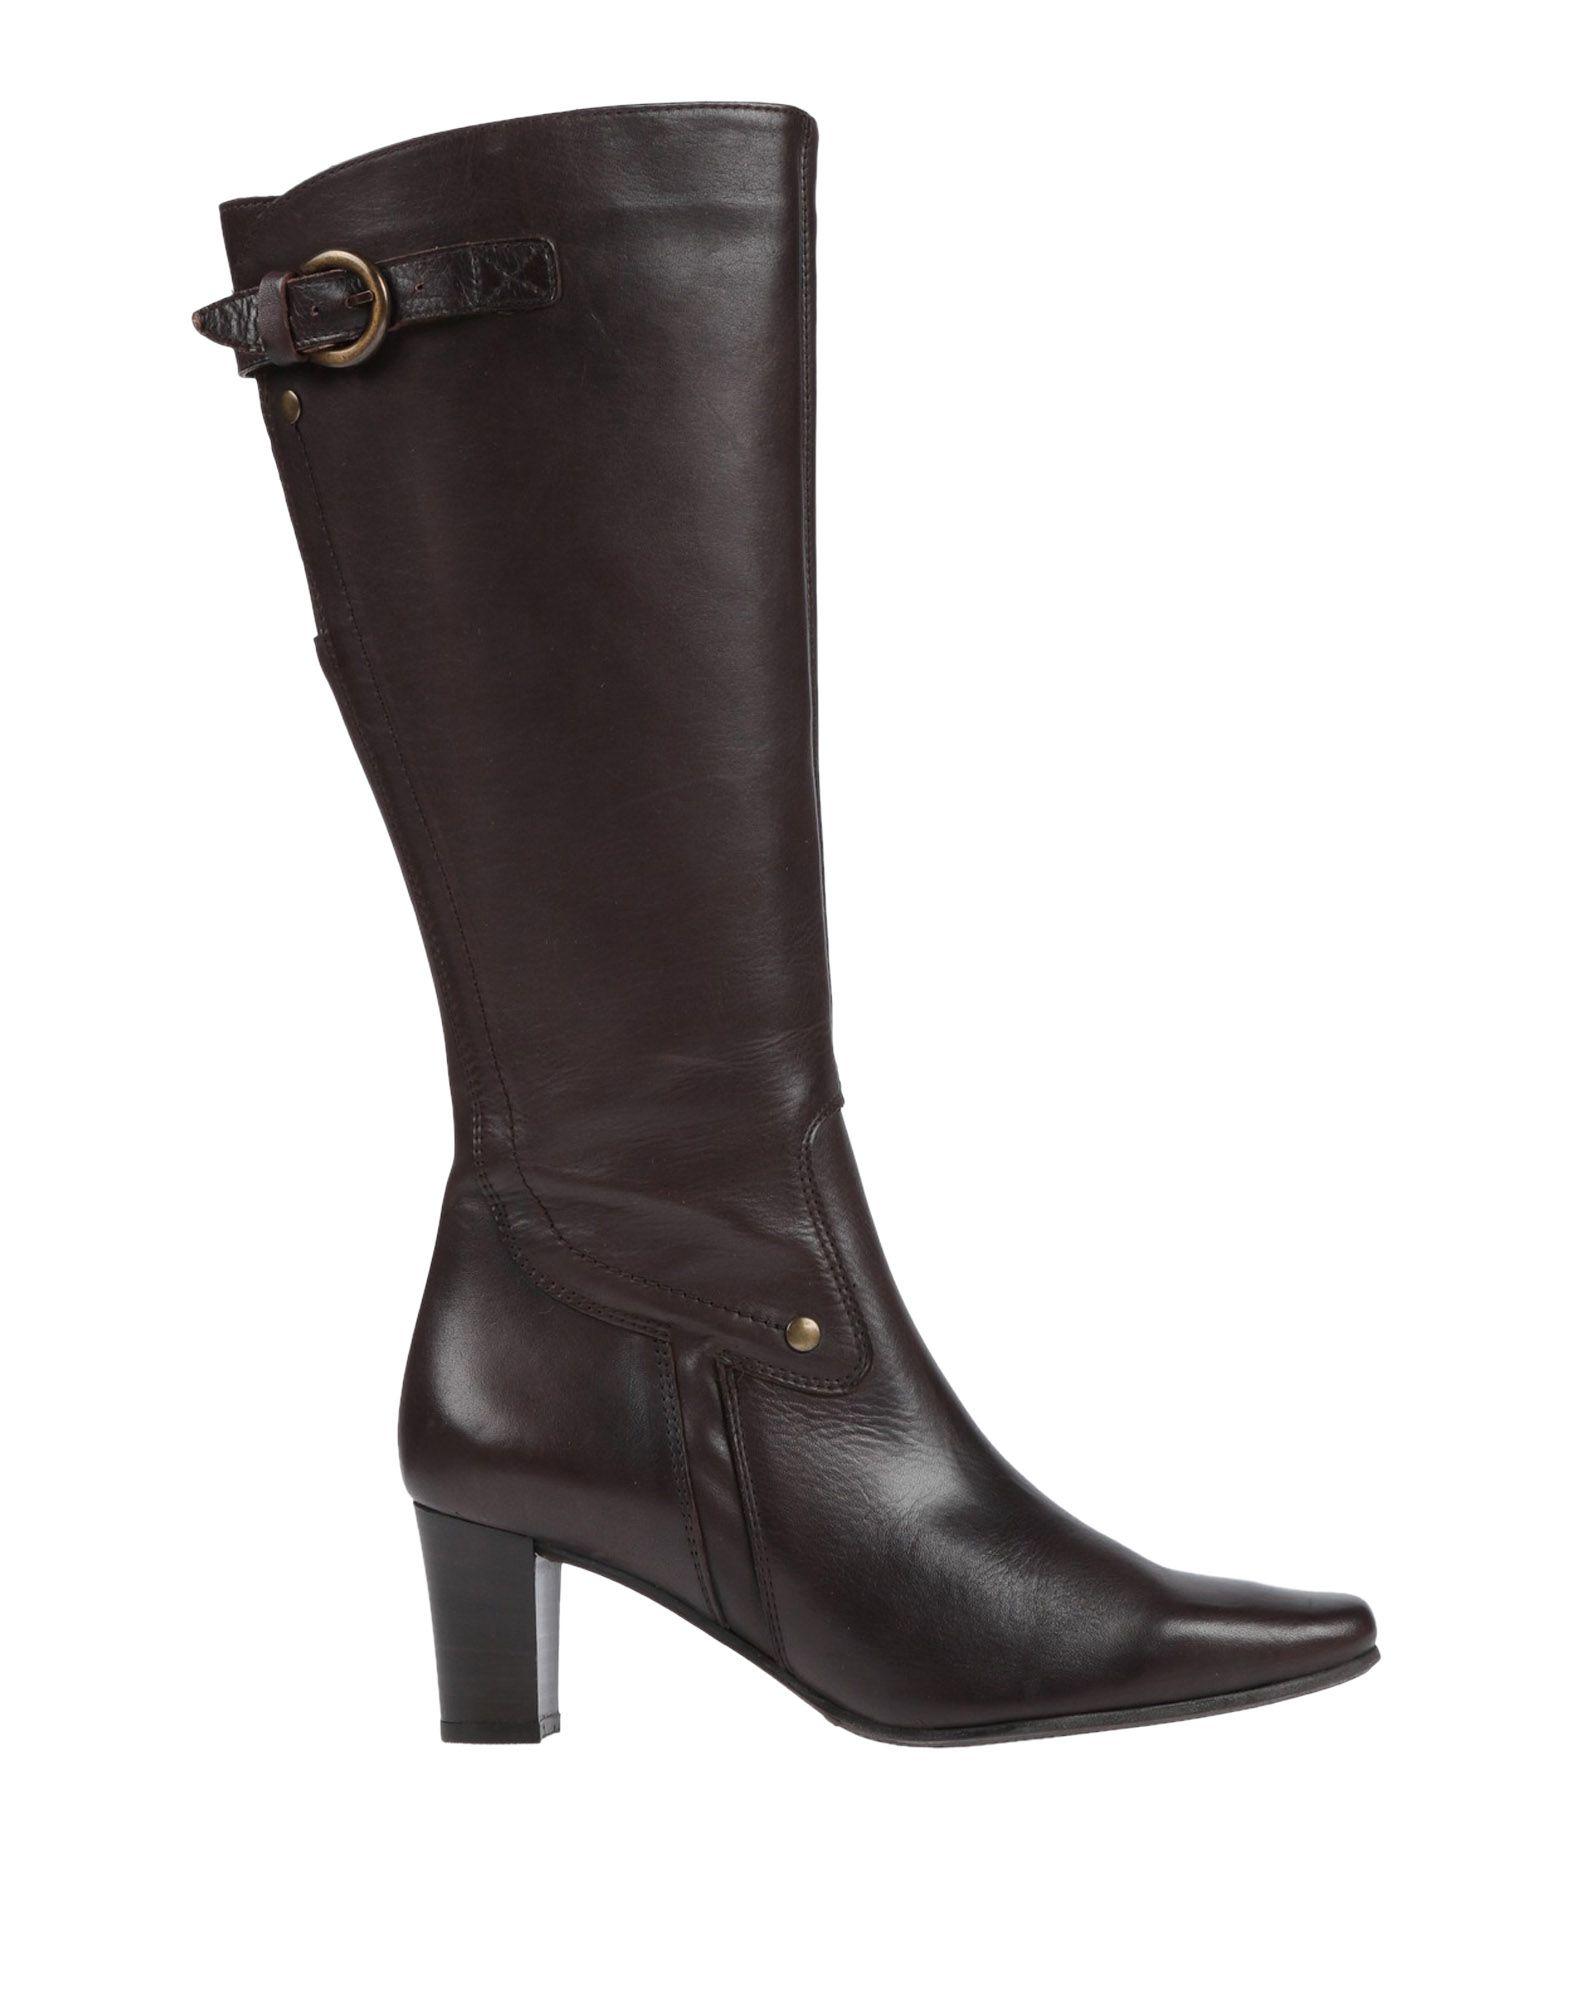 Manas Stiefel Damen  11533832EW Gute Qualität beliebte Schuhe